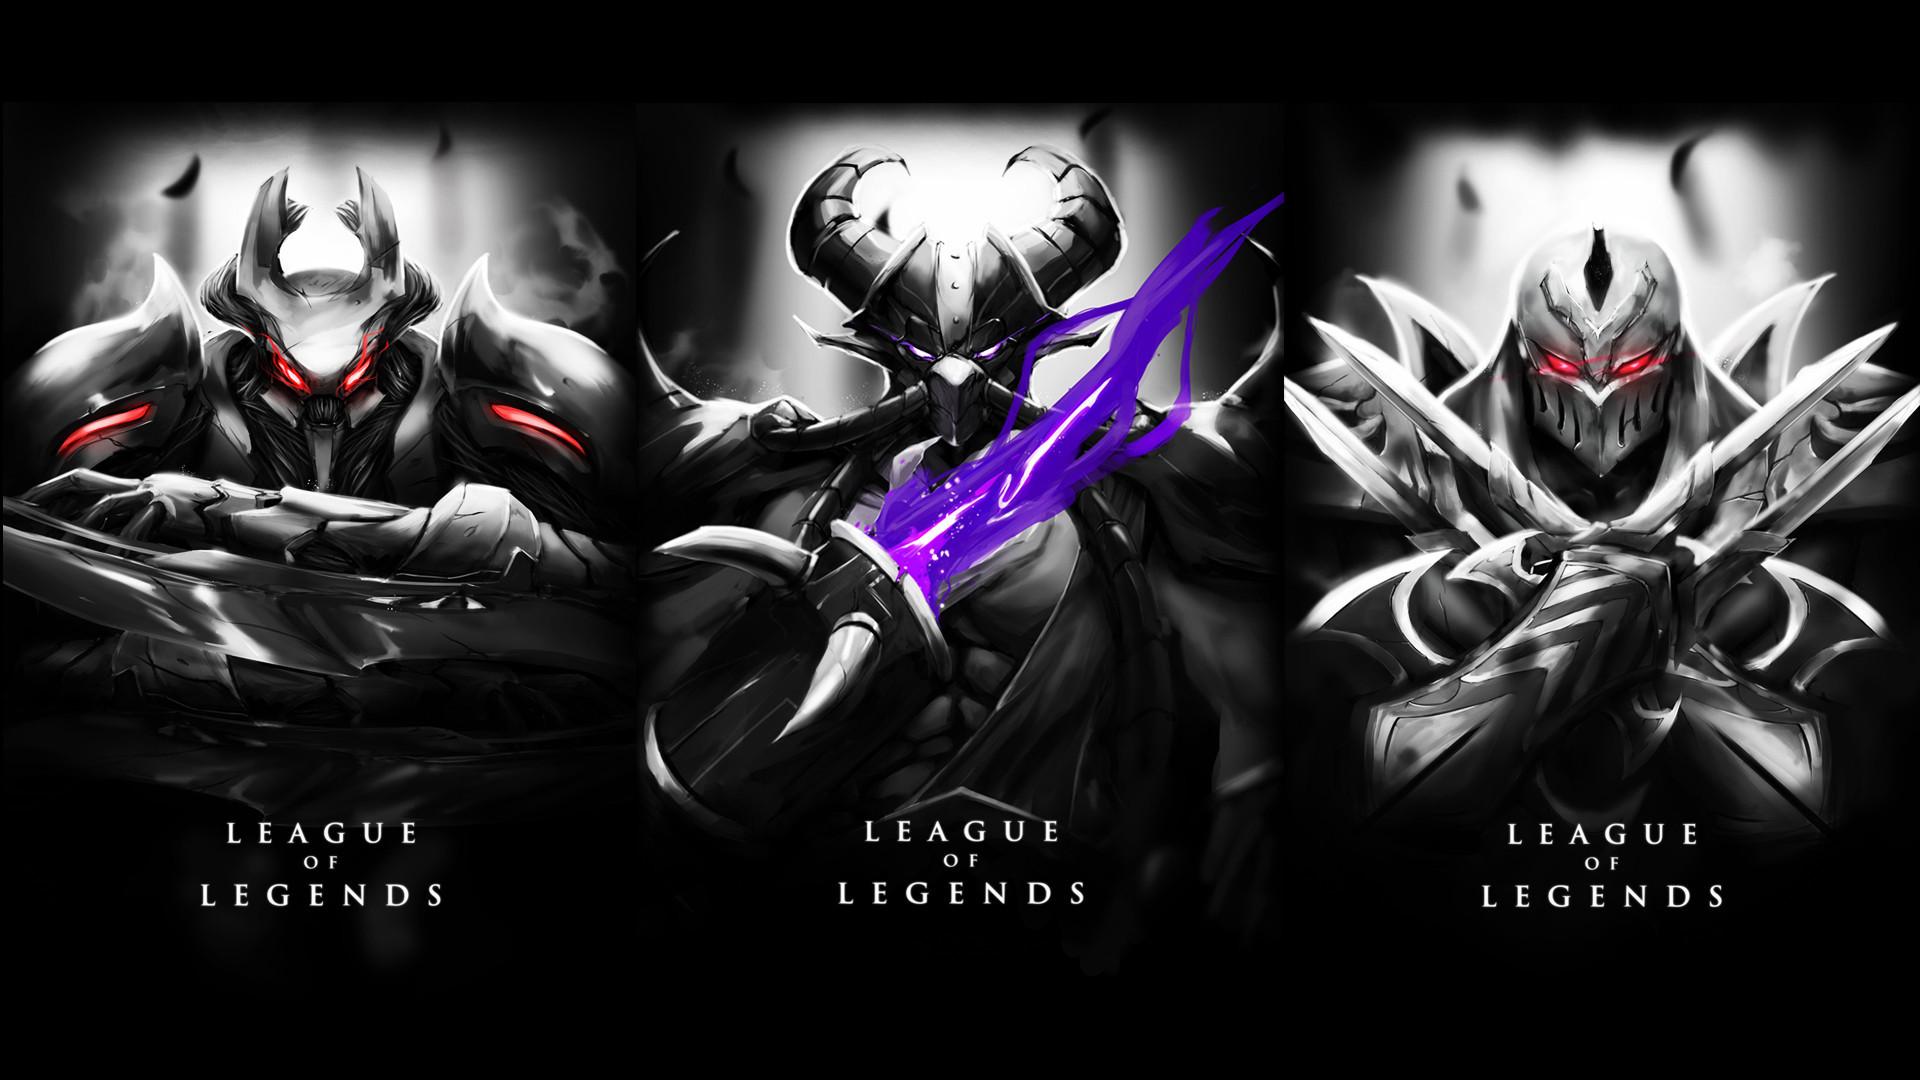 best league of legends wallpaper